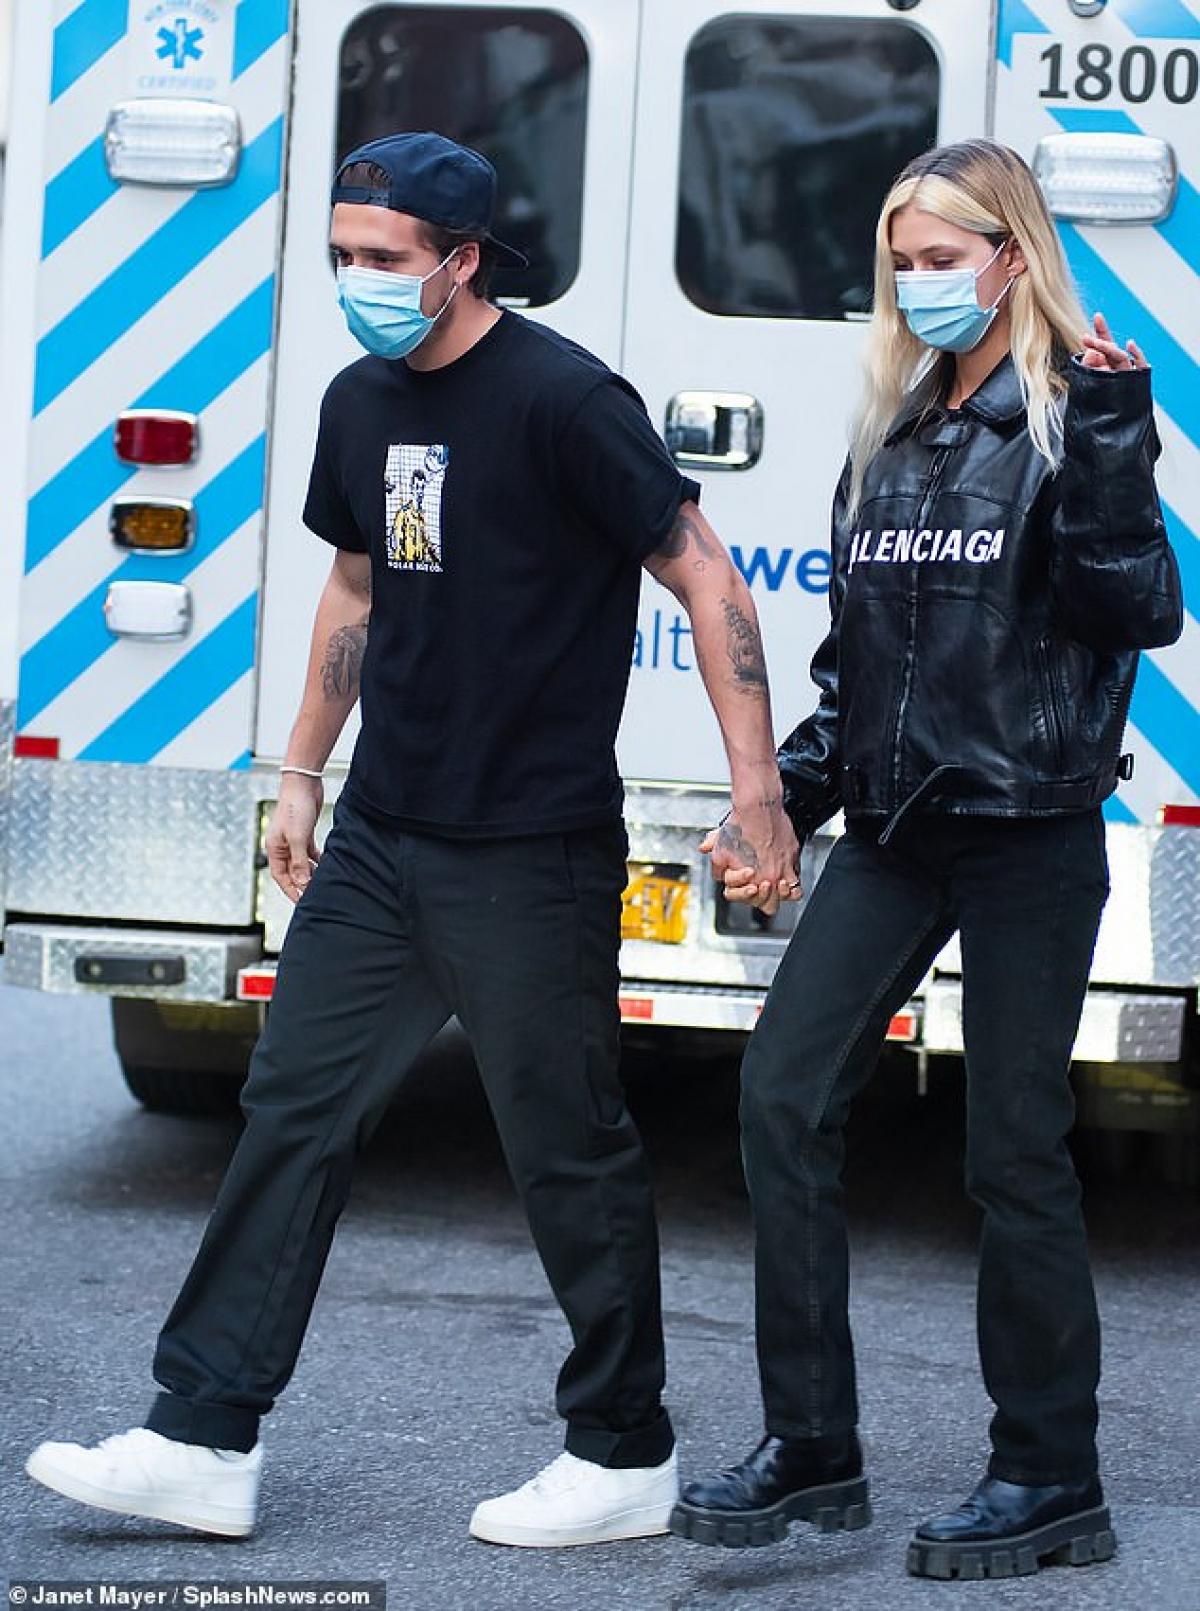 Cặp đôi mặc set đồ màu đen đồng điệu, nắm tay tình cảm trên phố.